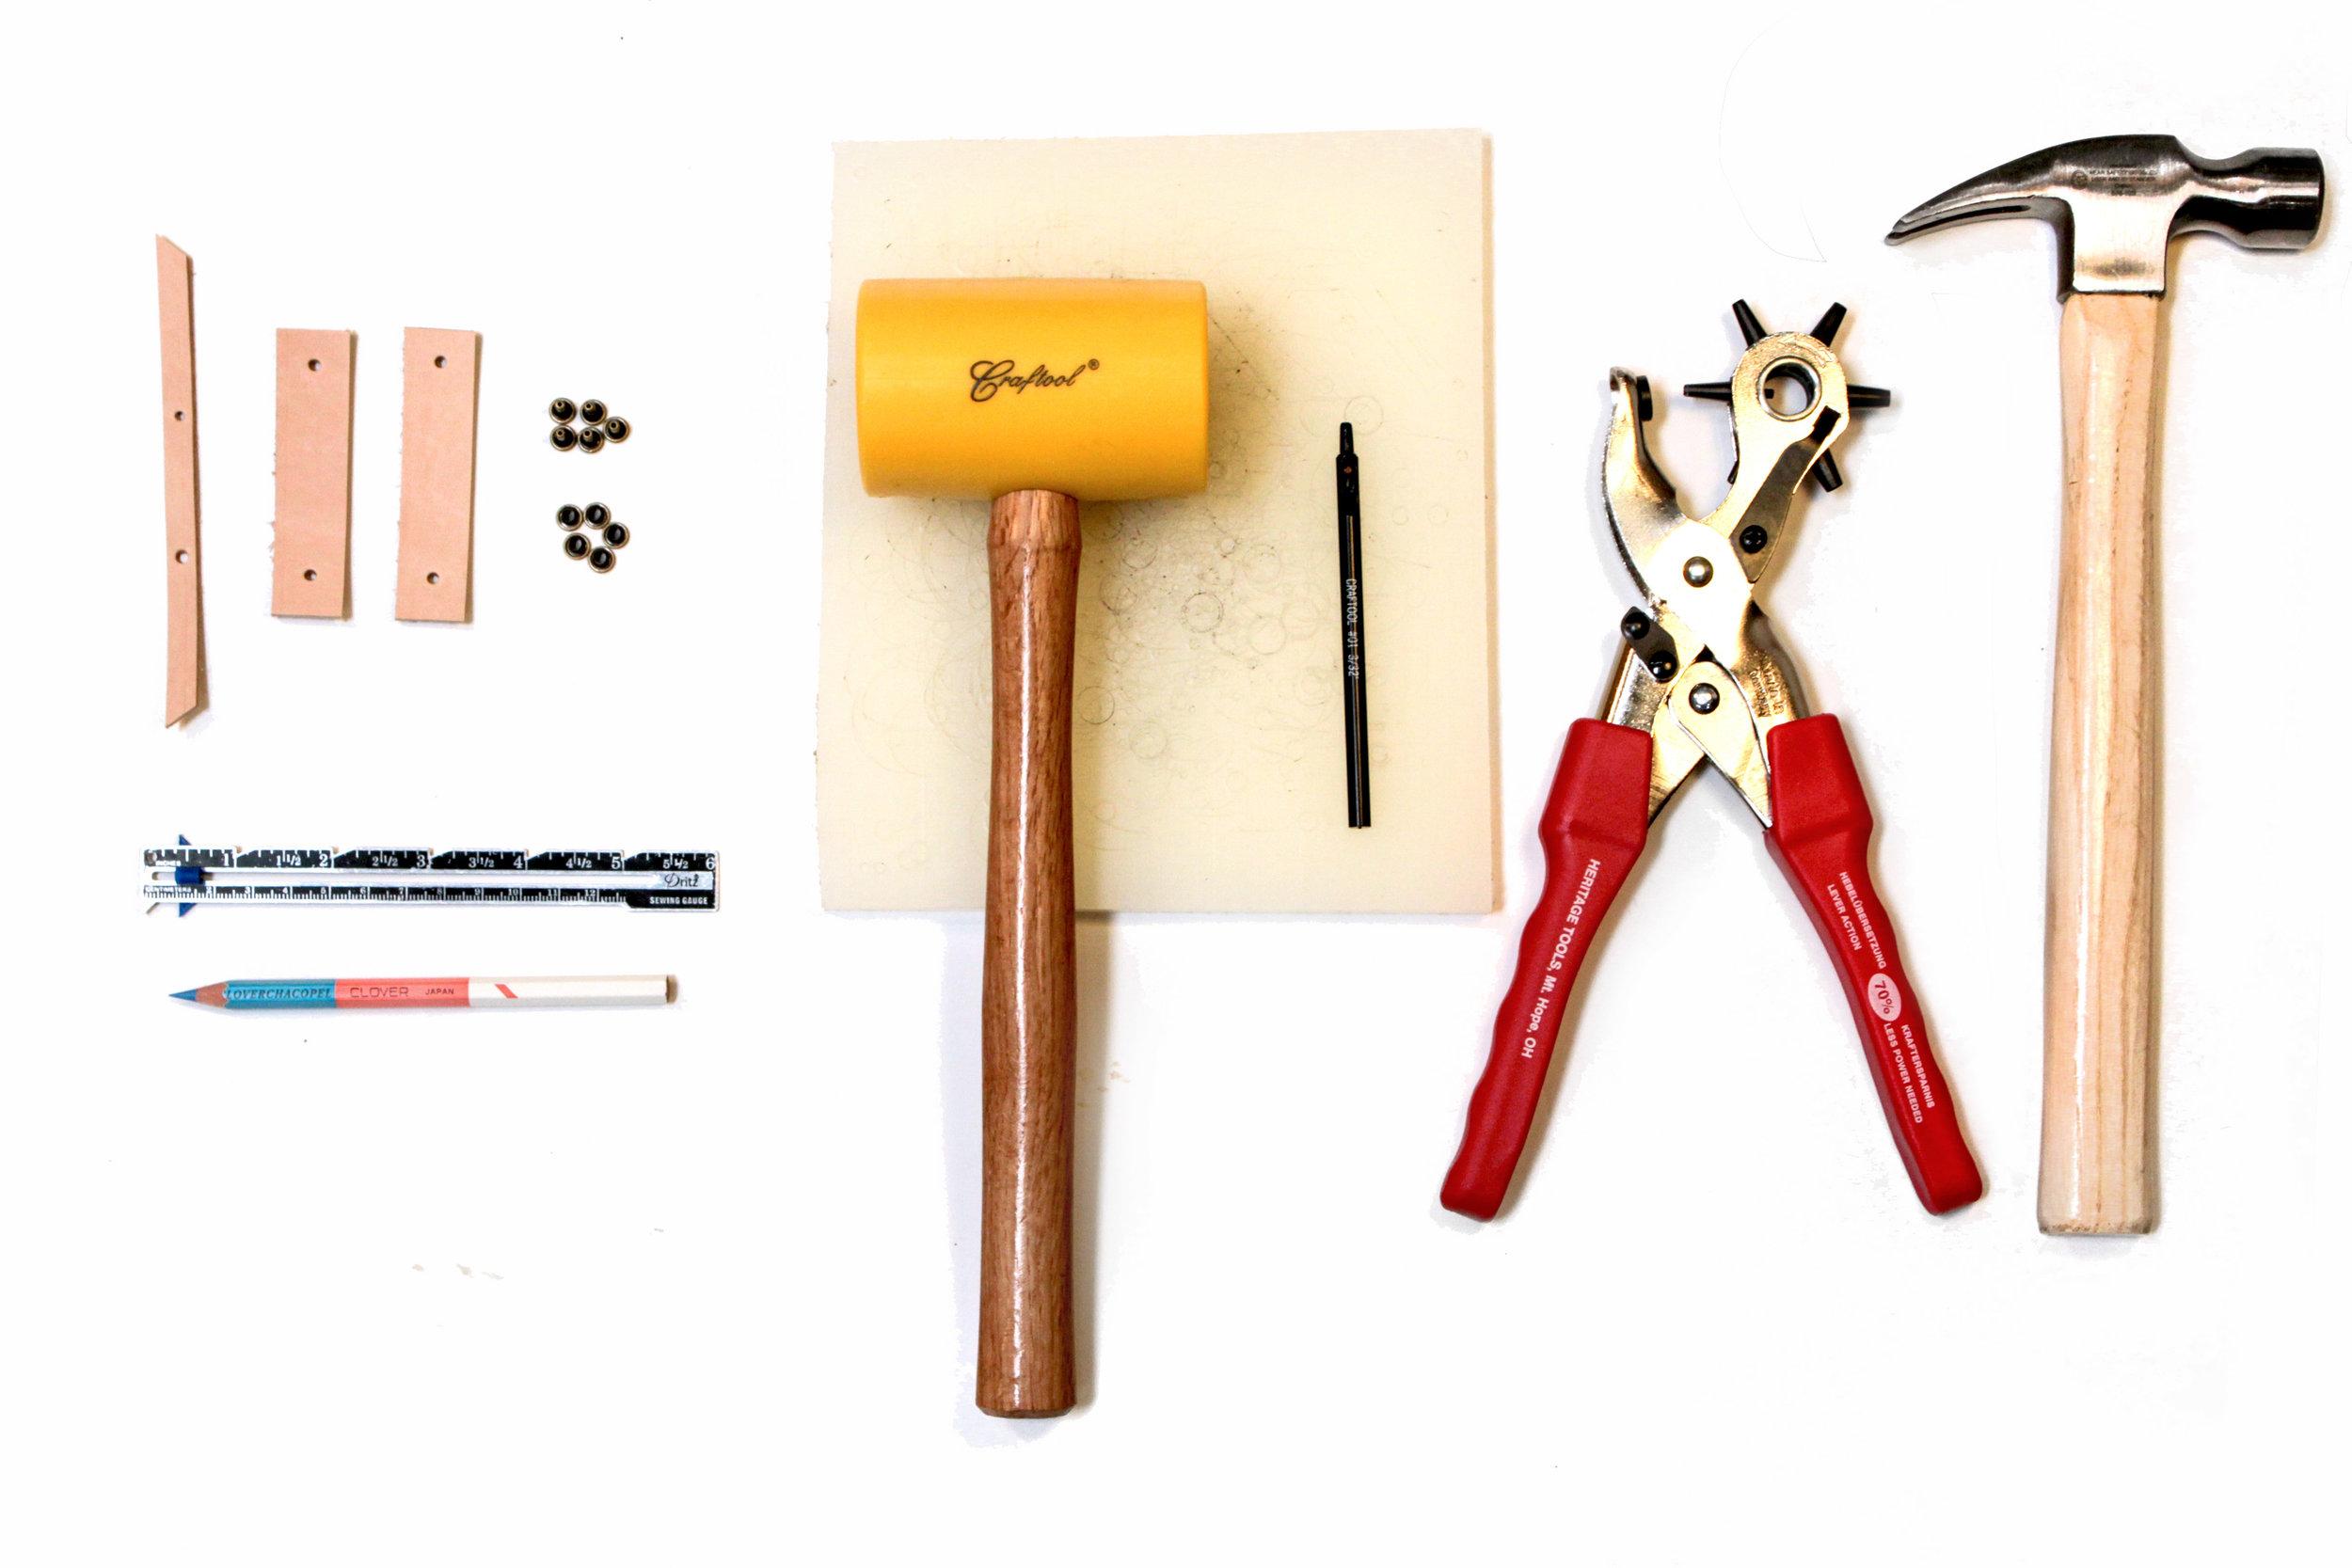 Woodland-leather-tool-1.jpg